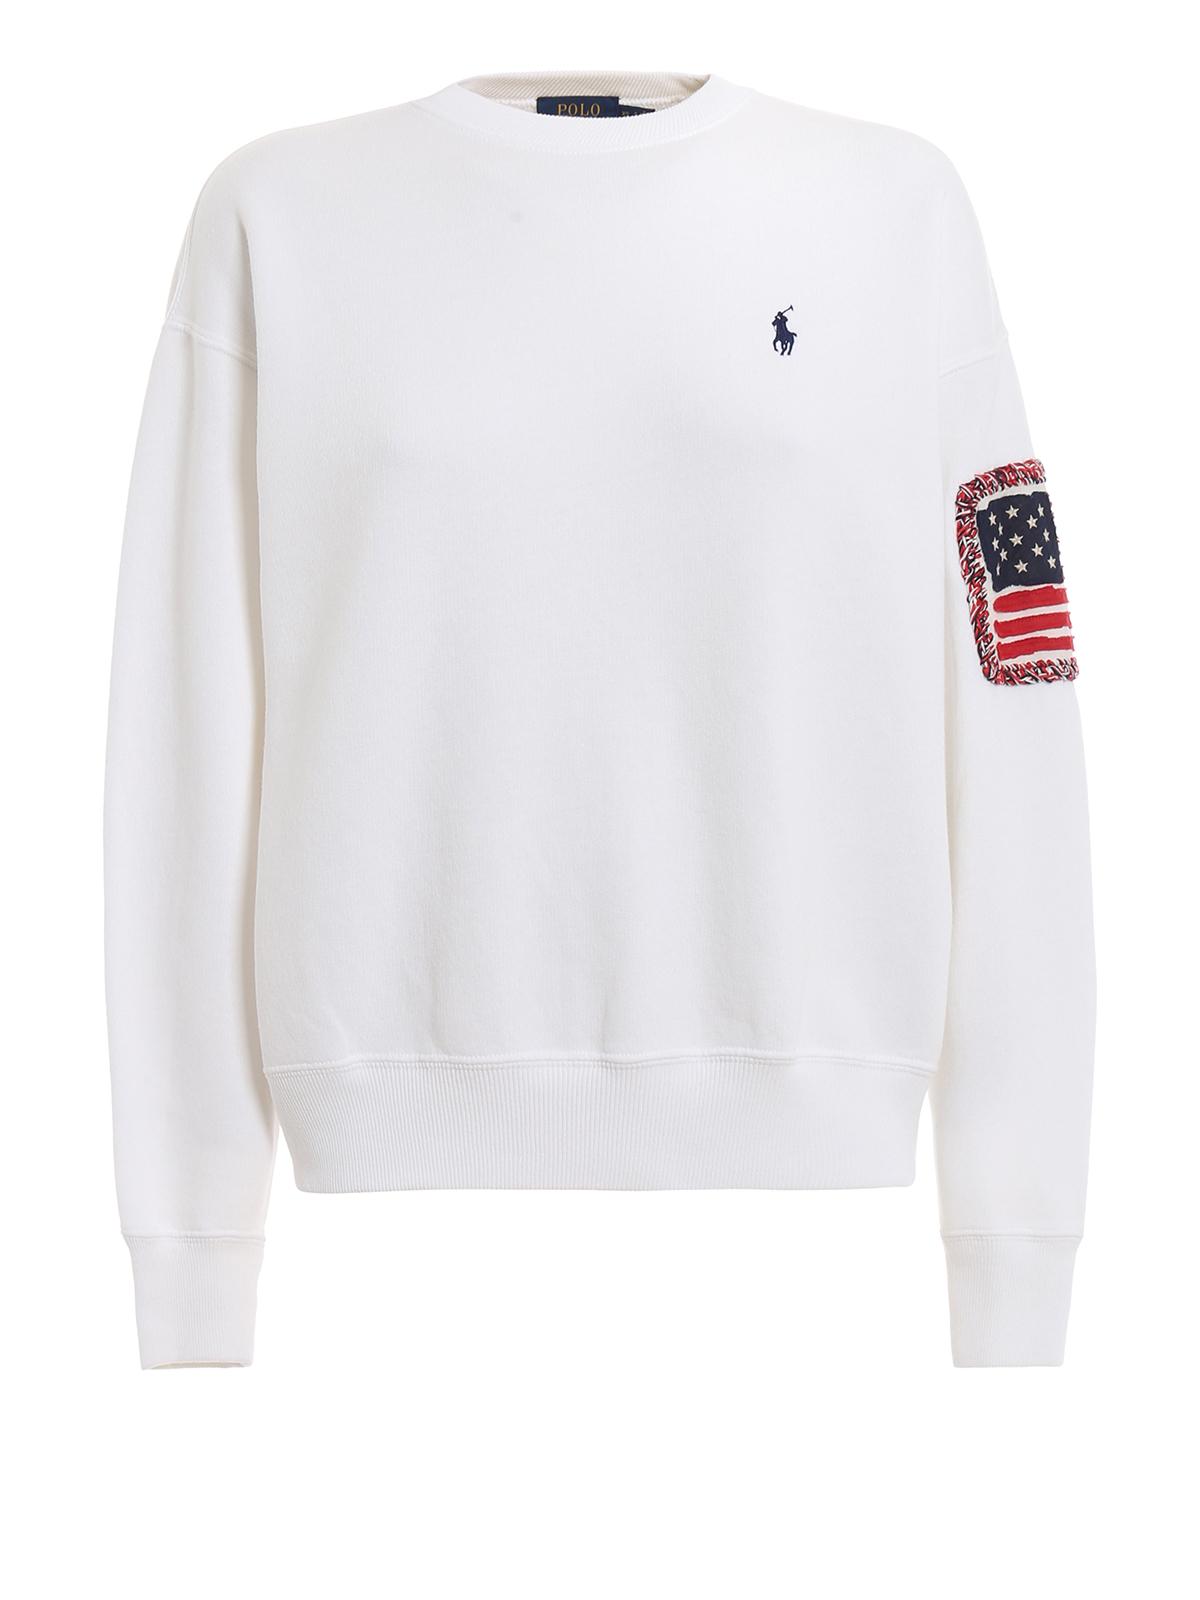 am billigsten neue angebote neue Season Polo Ralph Lauren - Sweatshirt - Weiß - Sweatshirts und ...